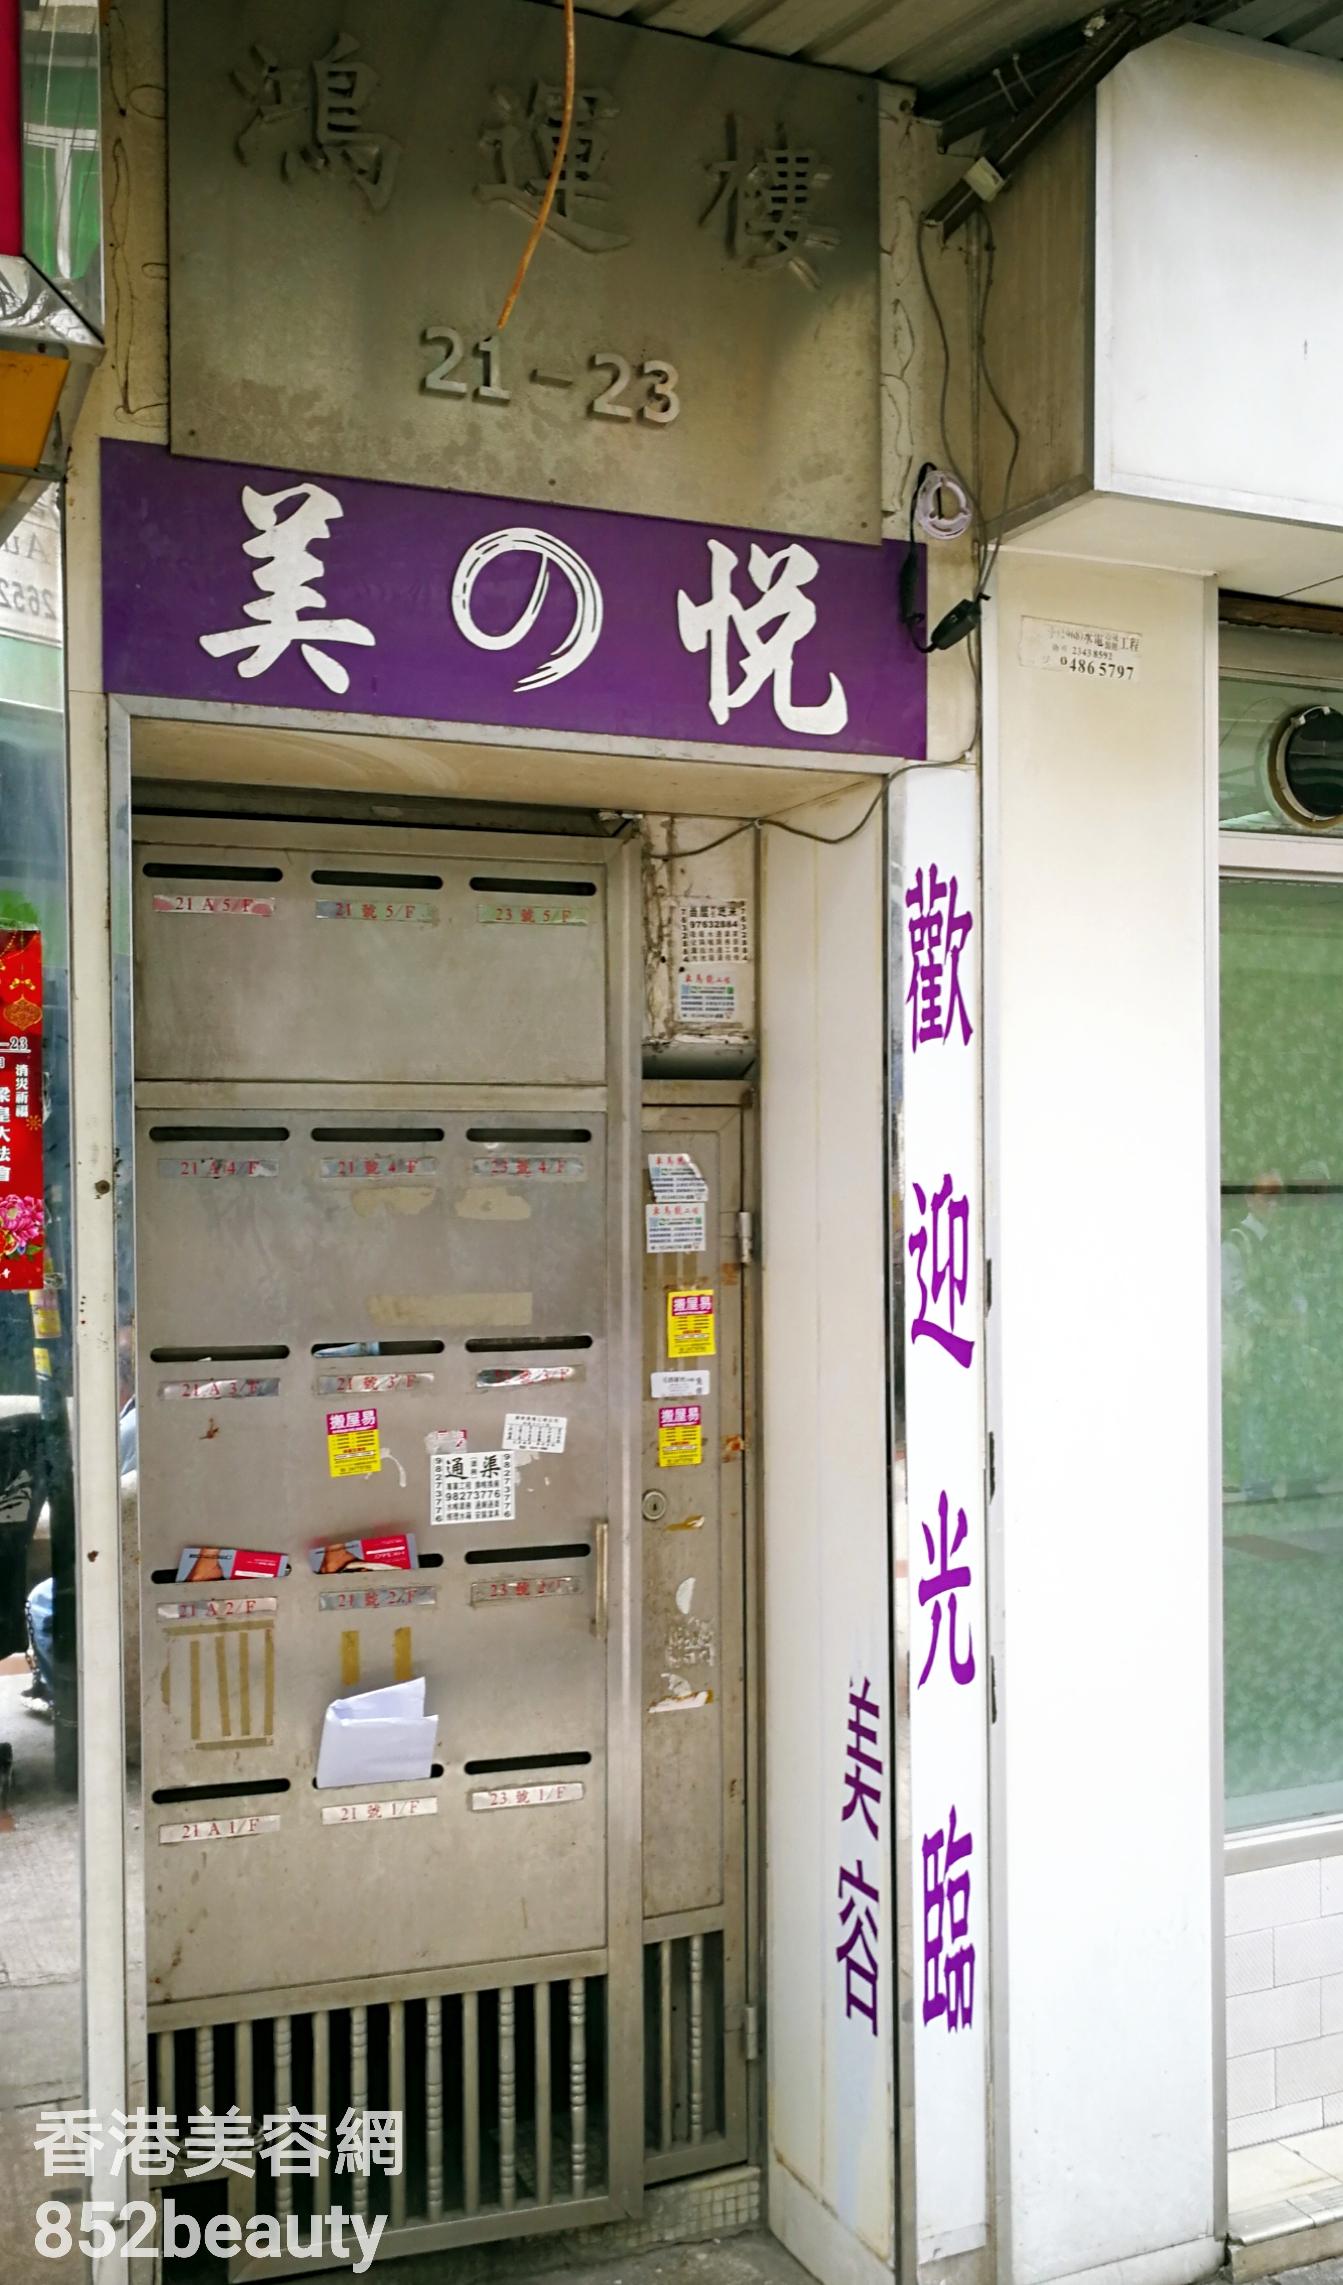 香港美容院 美容師 : 美の悅 @青年創業軍